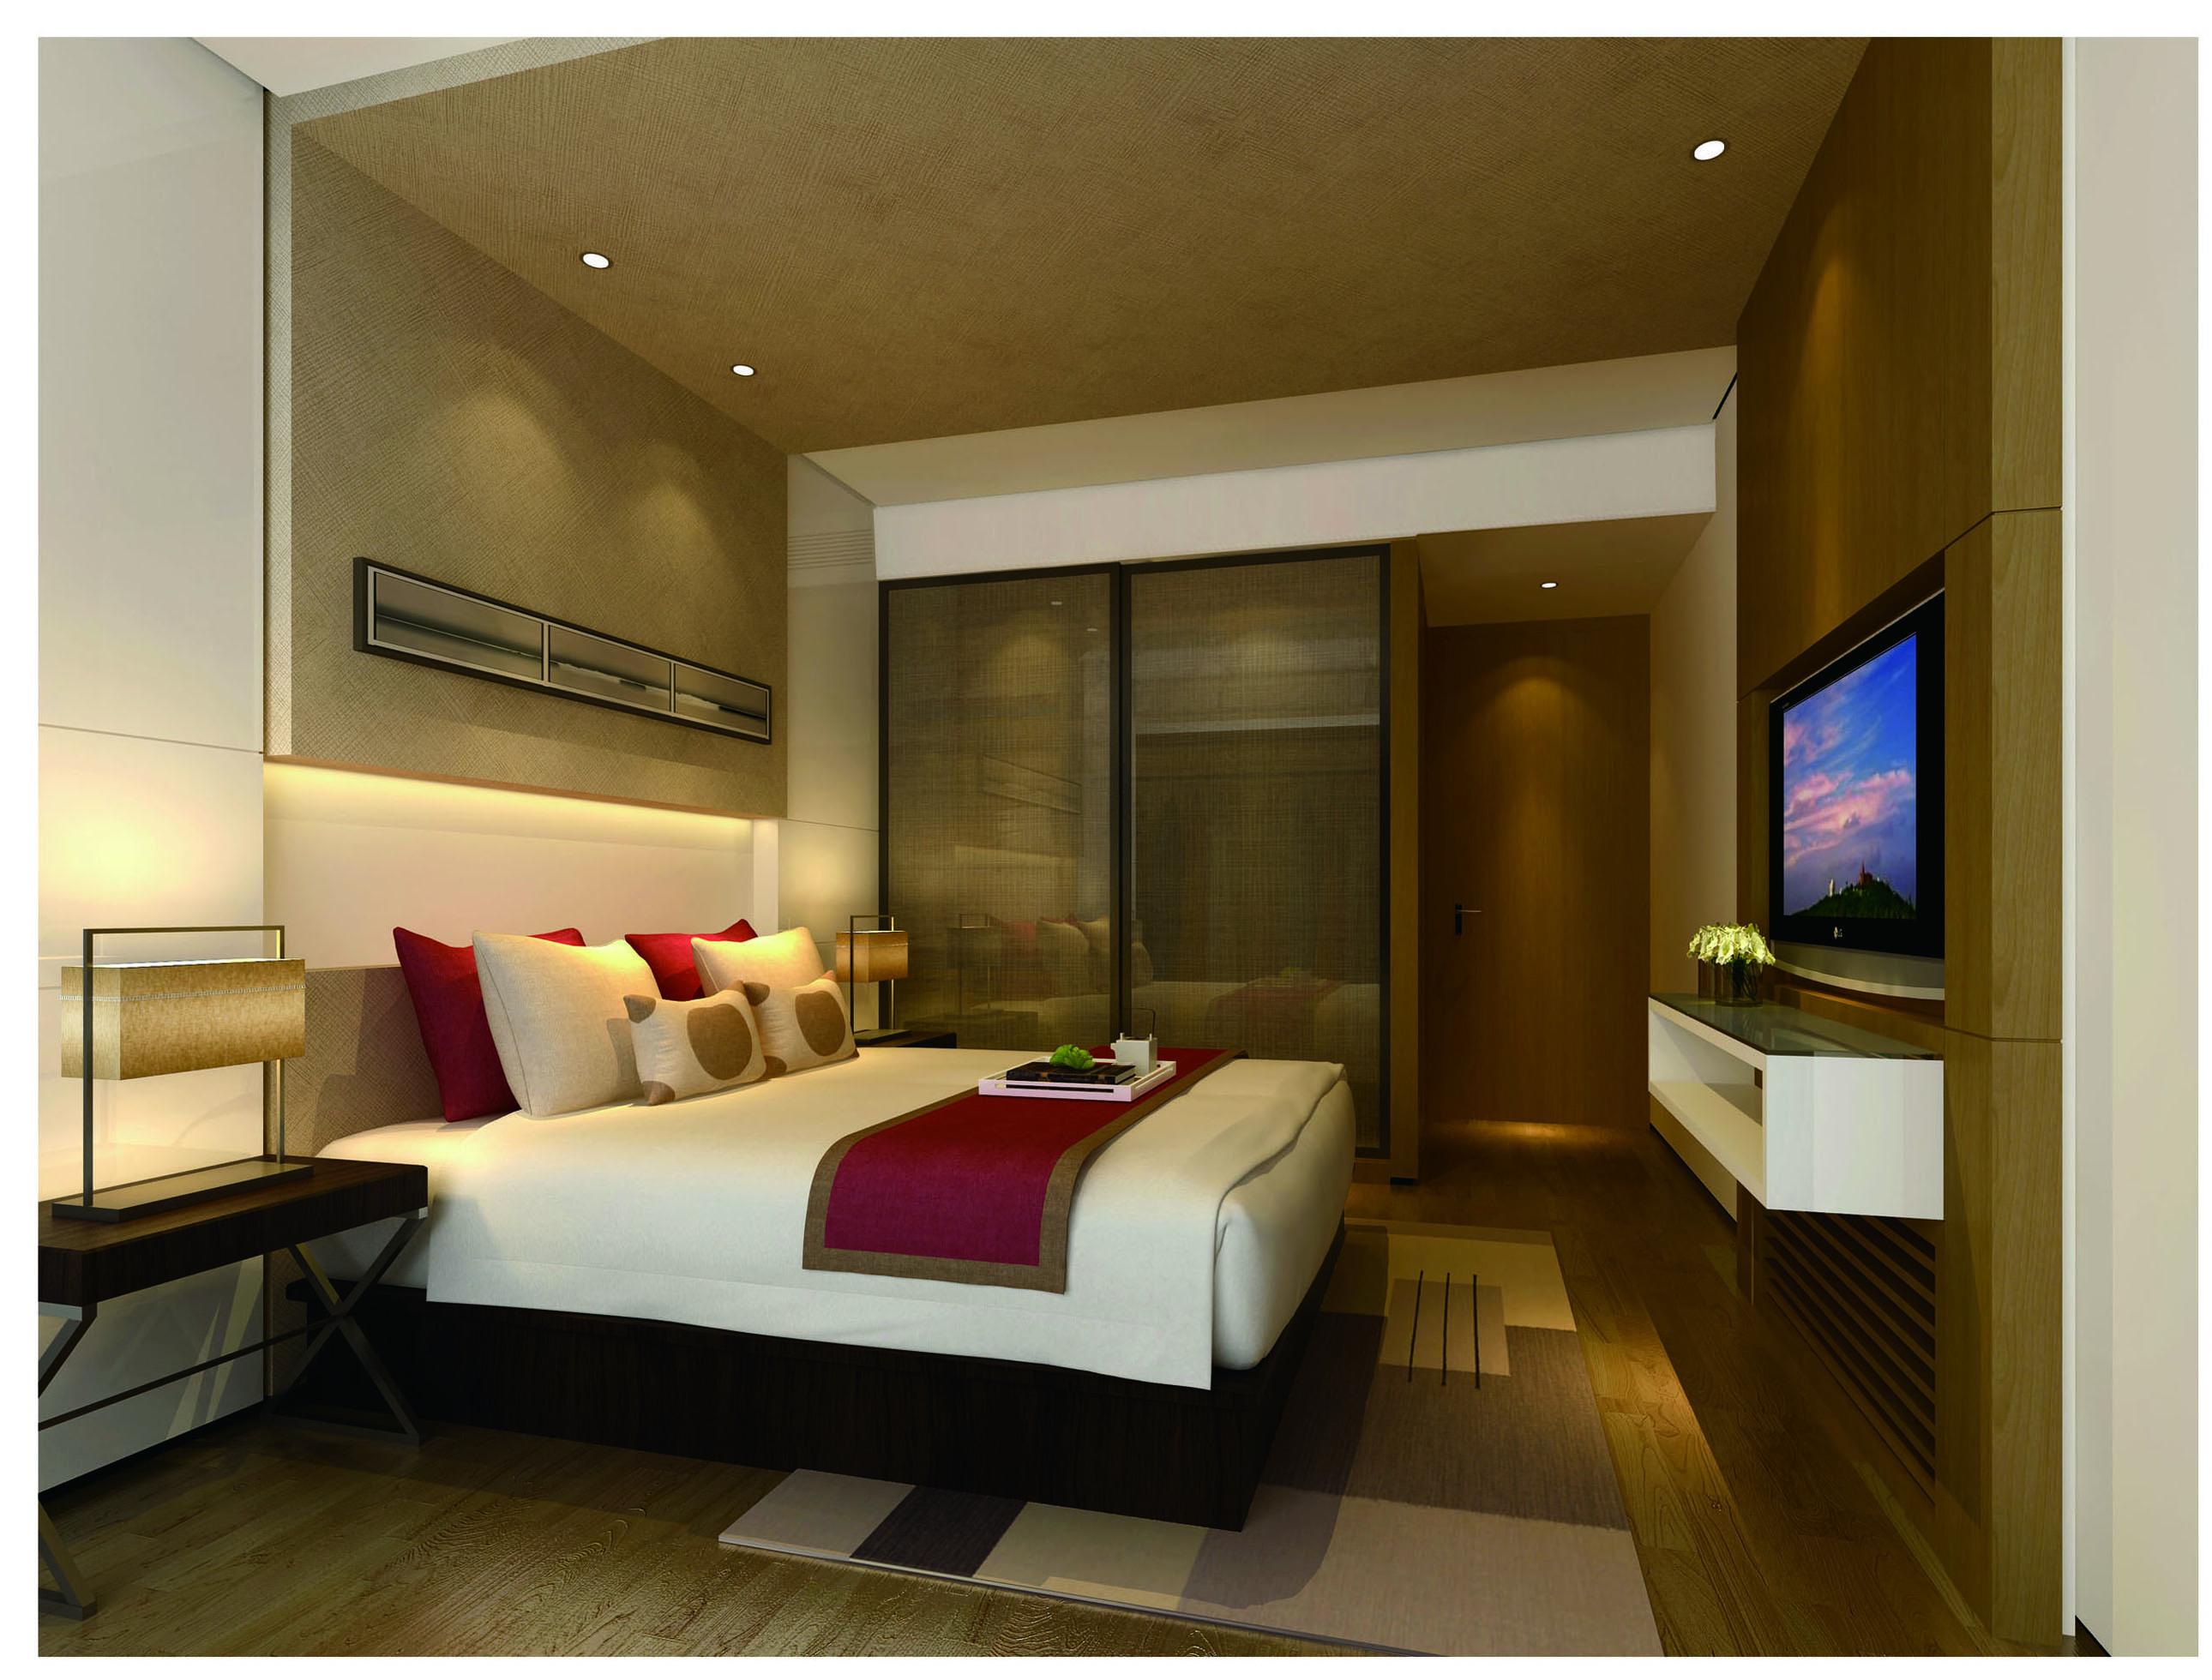 简约 三居 白领 现代简约 80后 客厅 餐厅 卧室 卧室图片来自超凡装饰季国华在简约时尚风格样板间的分享